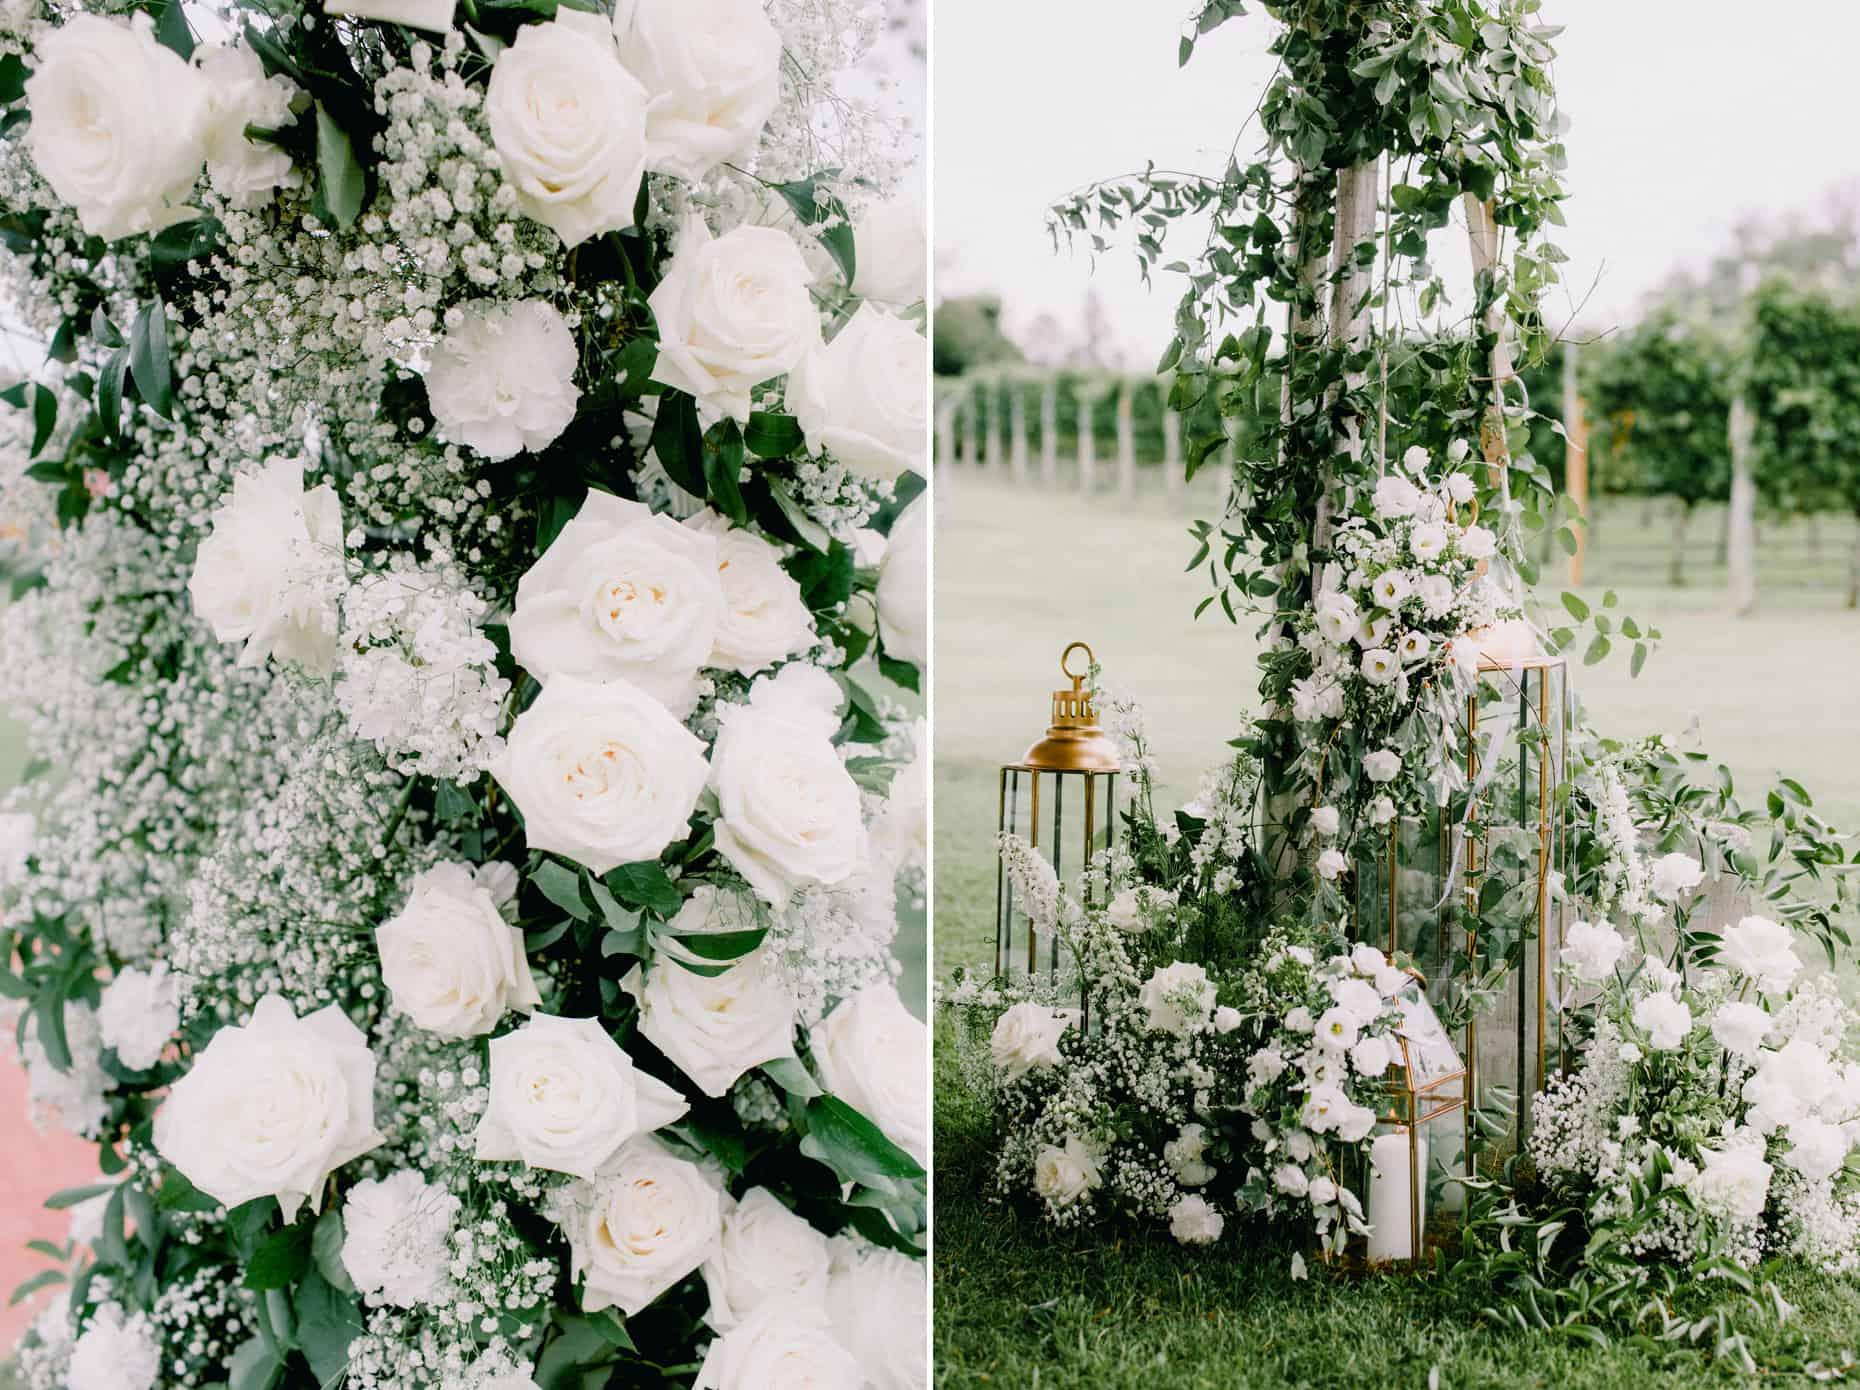 Weddings a garden party